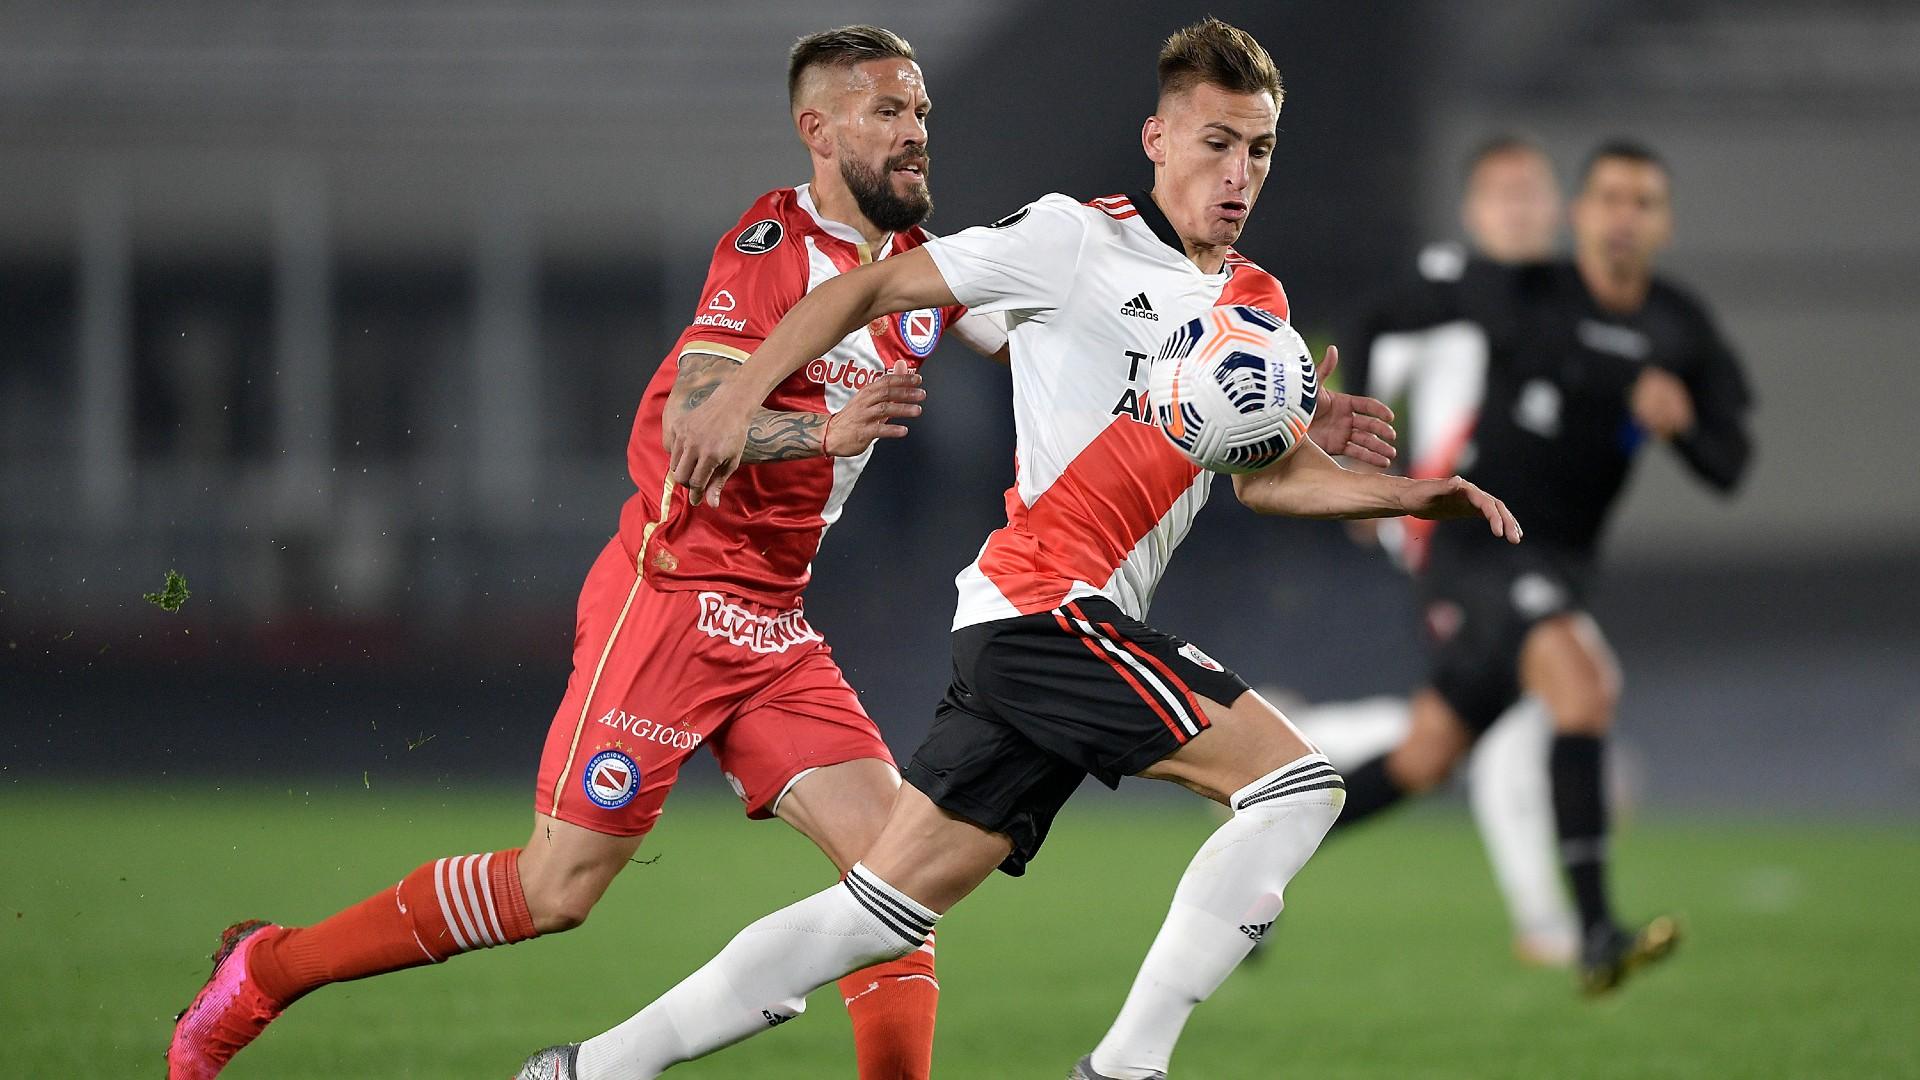 Copa Libertadores: River eliminó a Argentinos con dos goles de Braian Romero